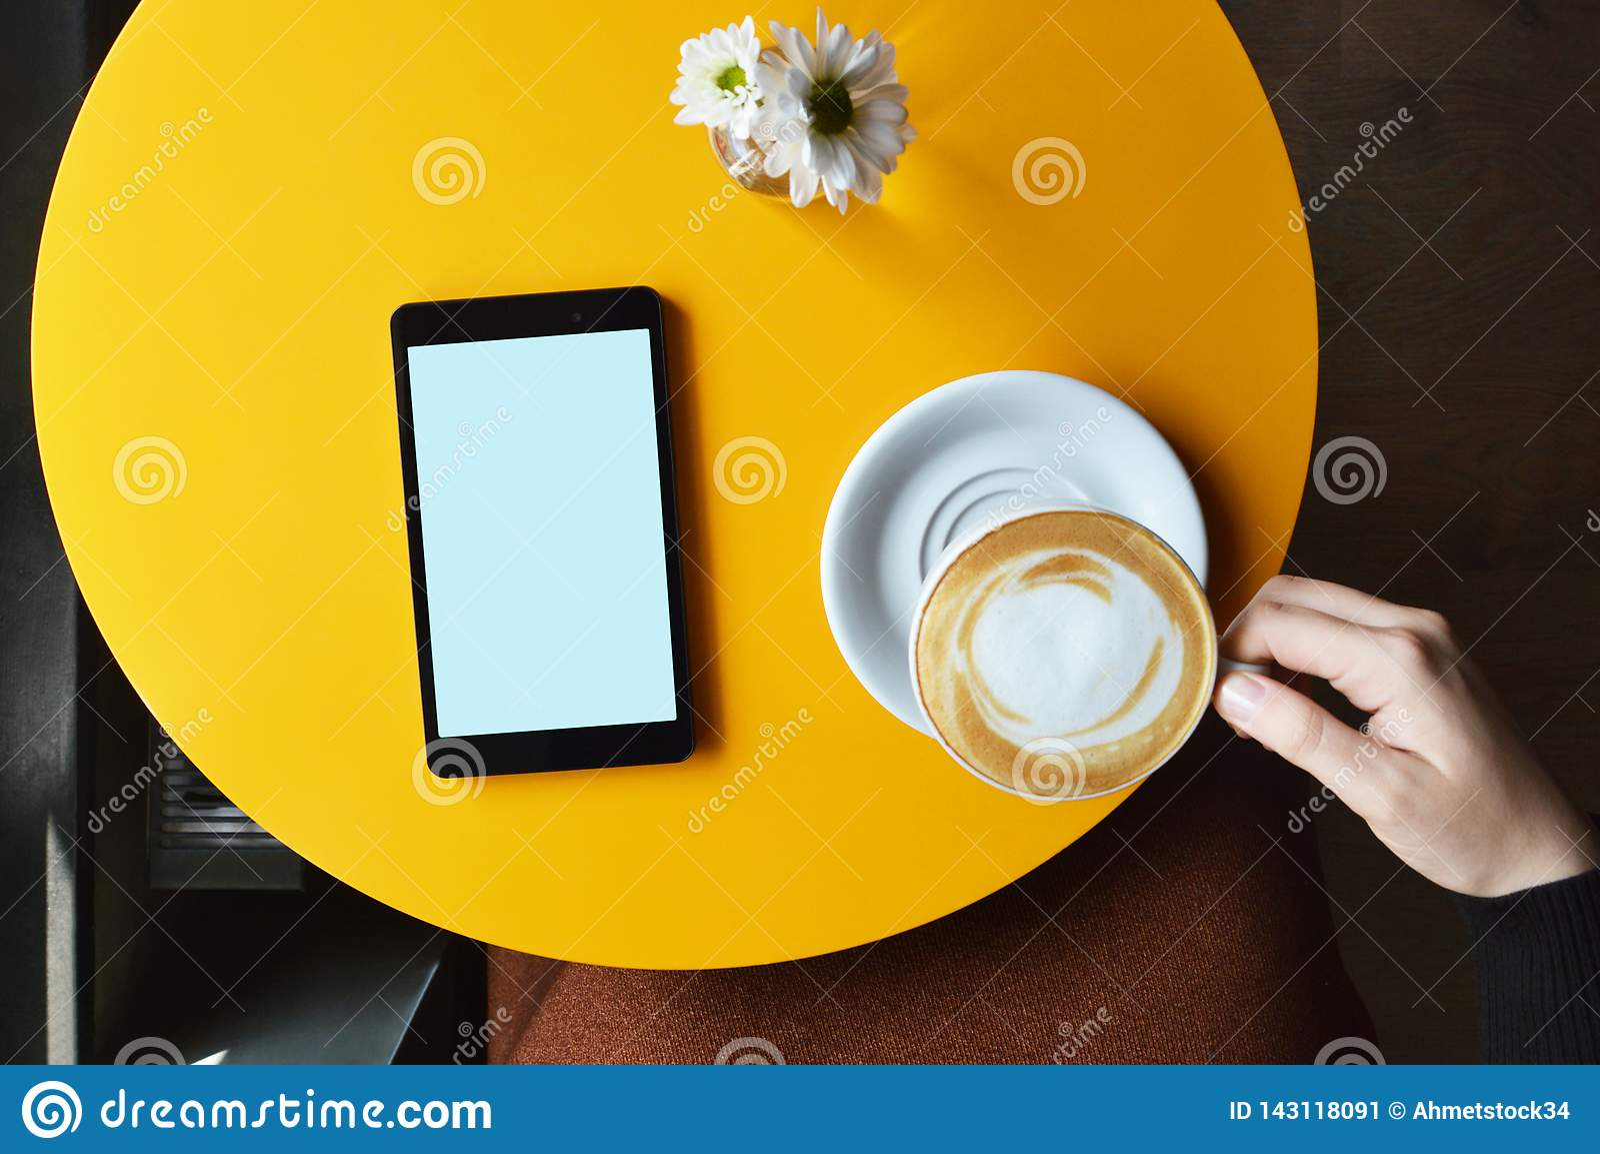 Ψηφιακή ταμπλέτα πάνω από τον πίνακα καφέδων και ένα φλιτζάνι του καφέ εκμετάλλευσης χεριών γυναικών